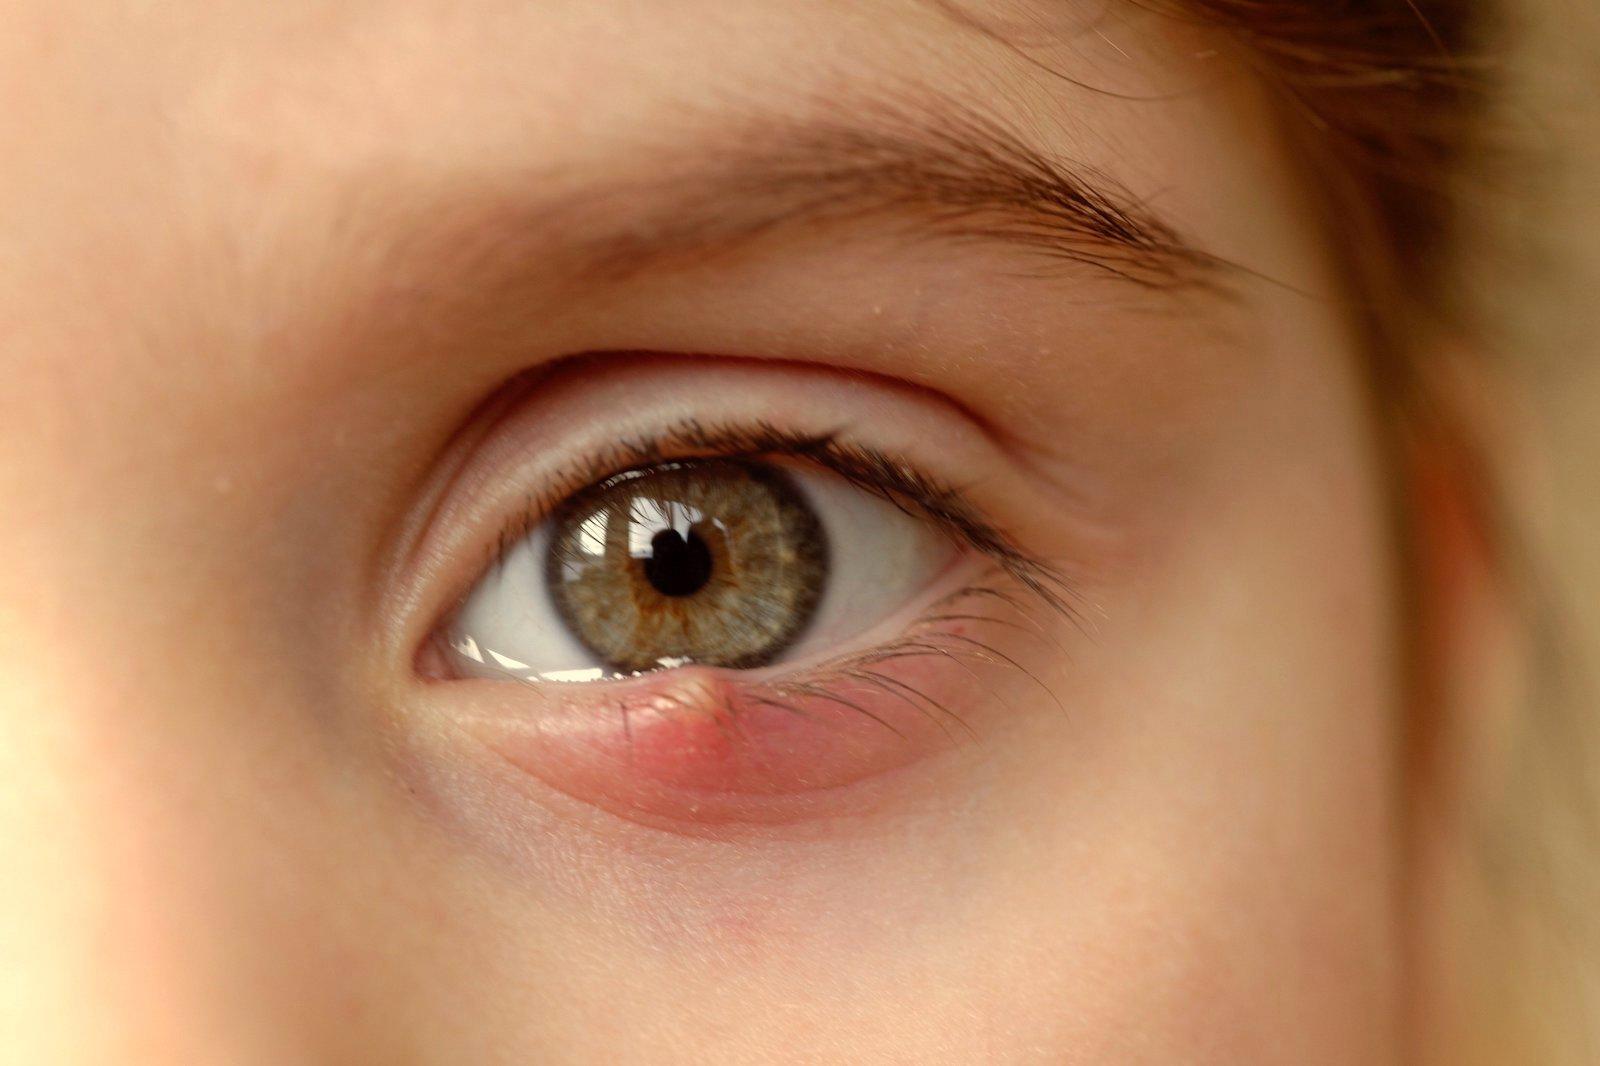 viziune de refracție